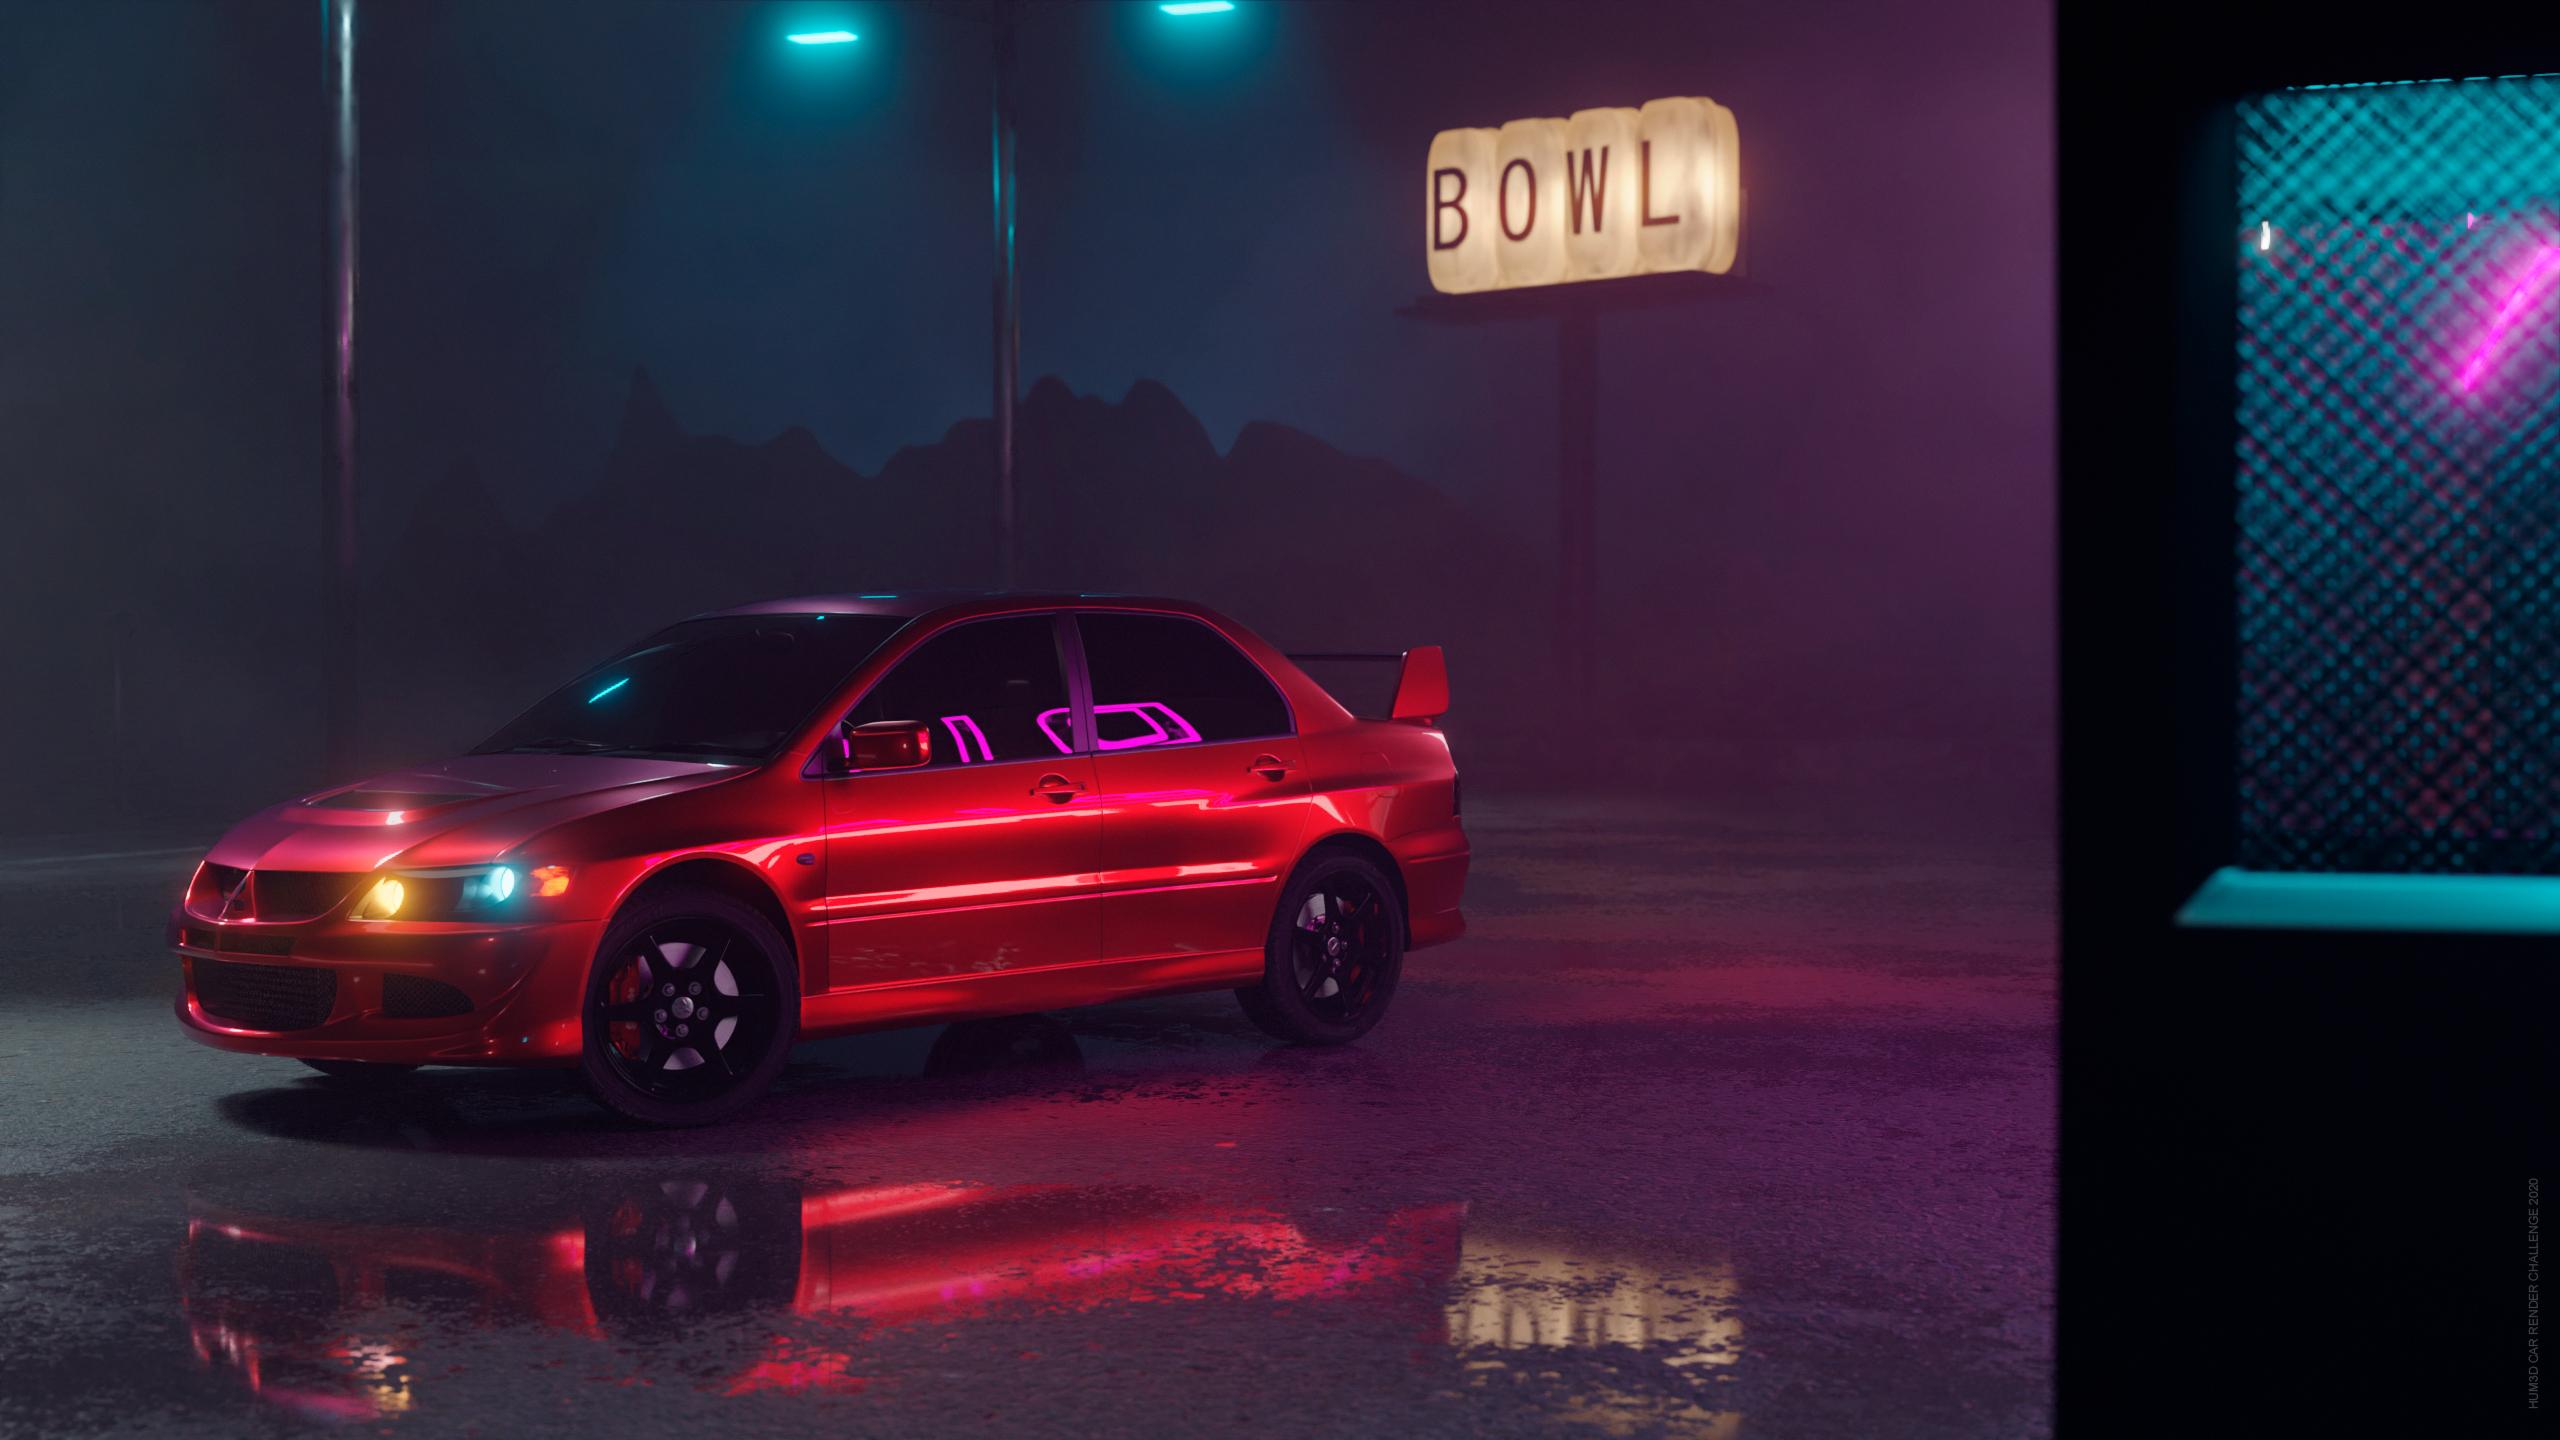 Drift Night 3d art